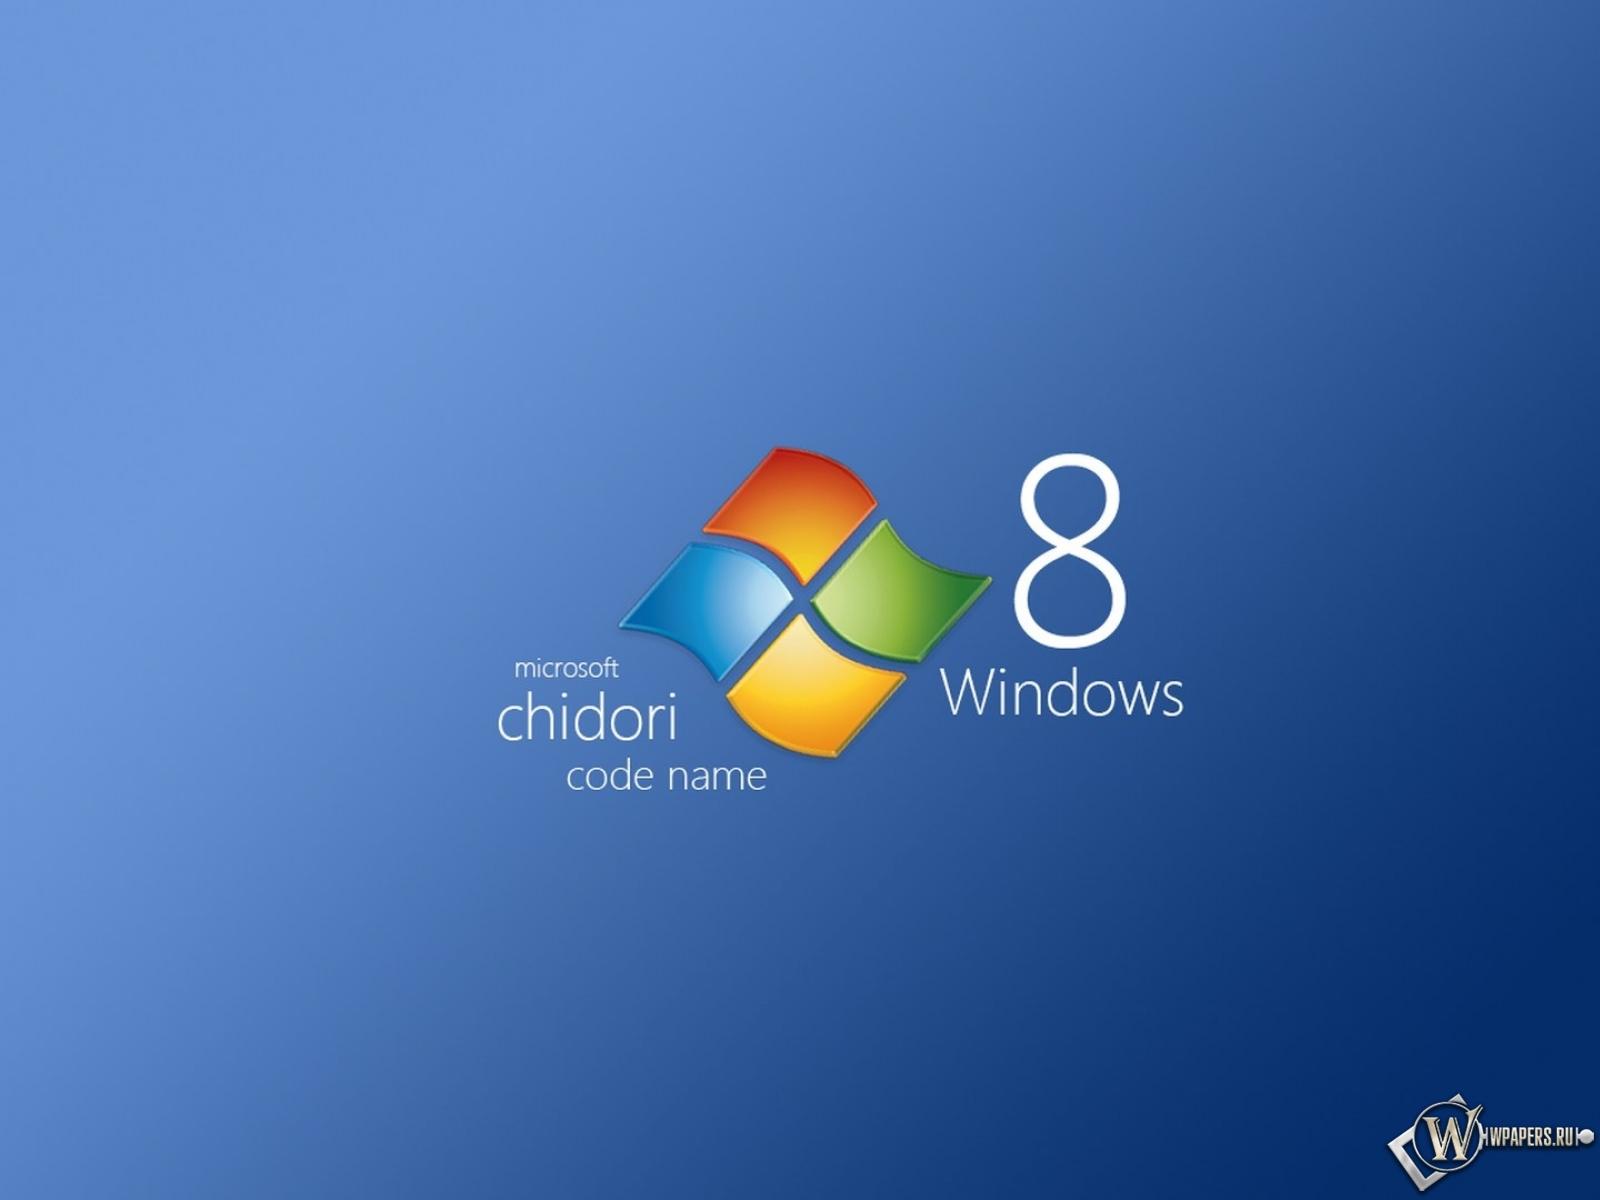 обои для рабочего windows: